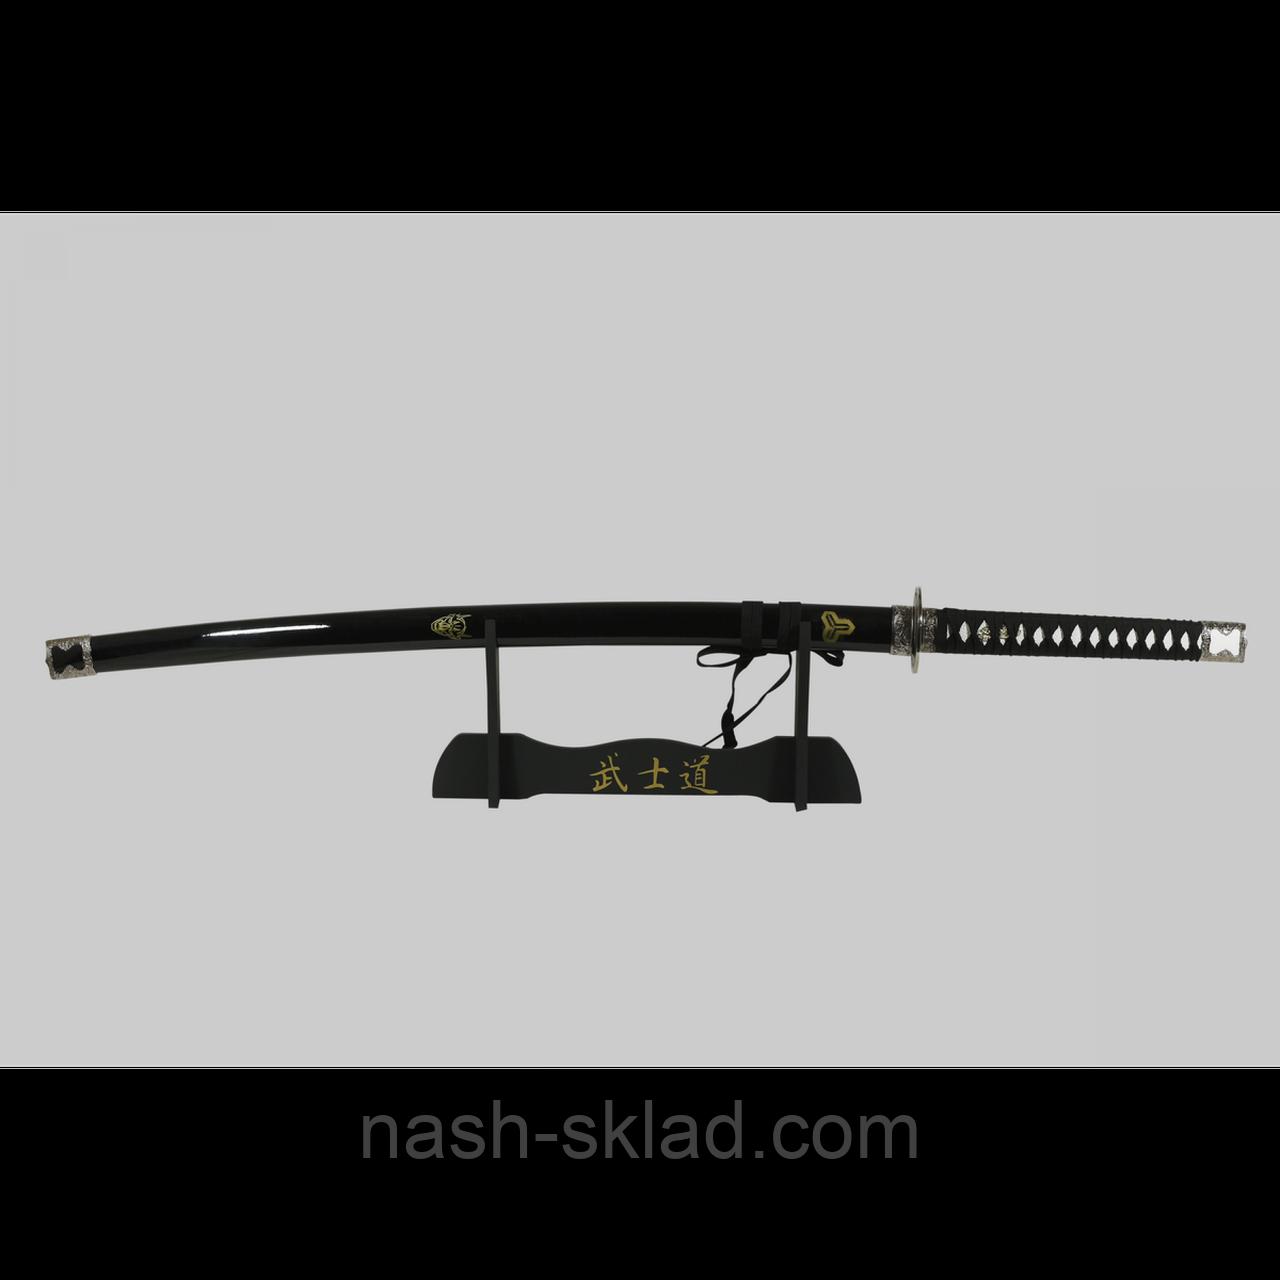 Катана сувенірна, самурайський меч, елітний подарунок + підставка